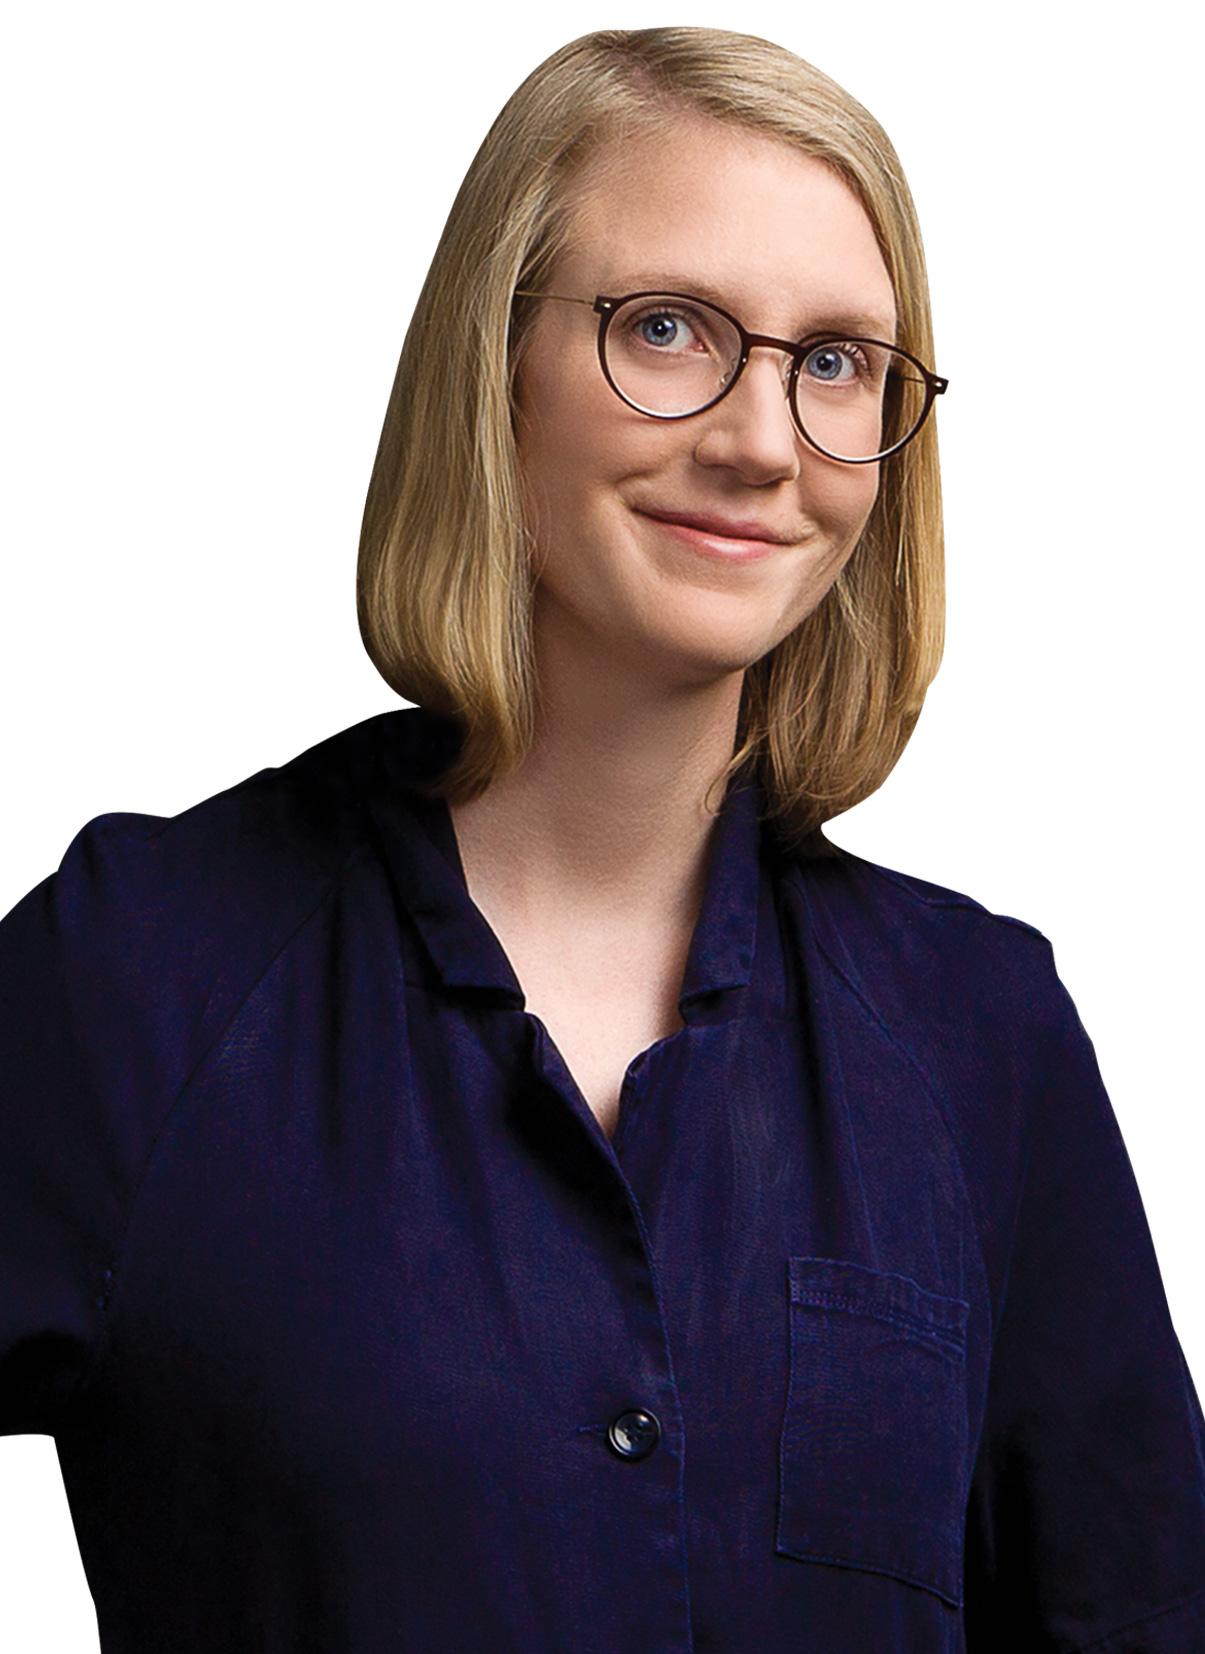 Saskia Freytag